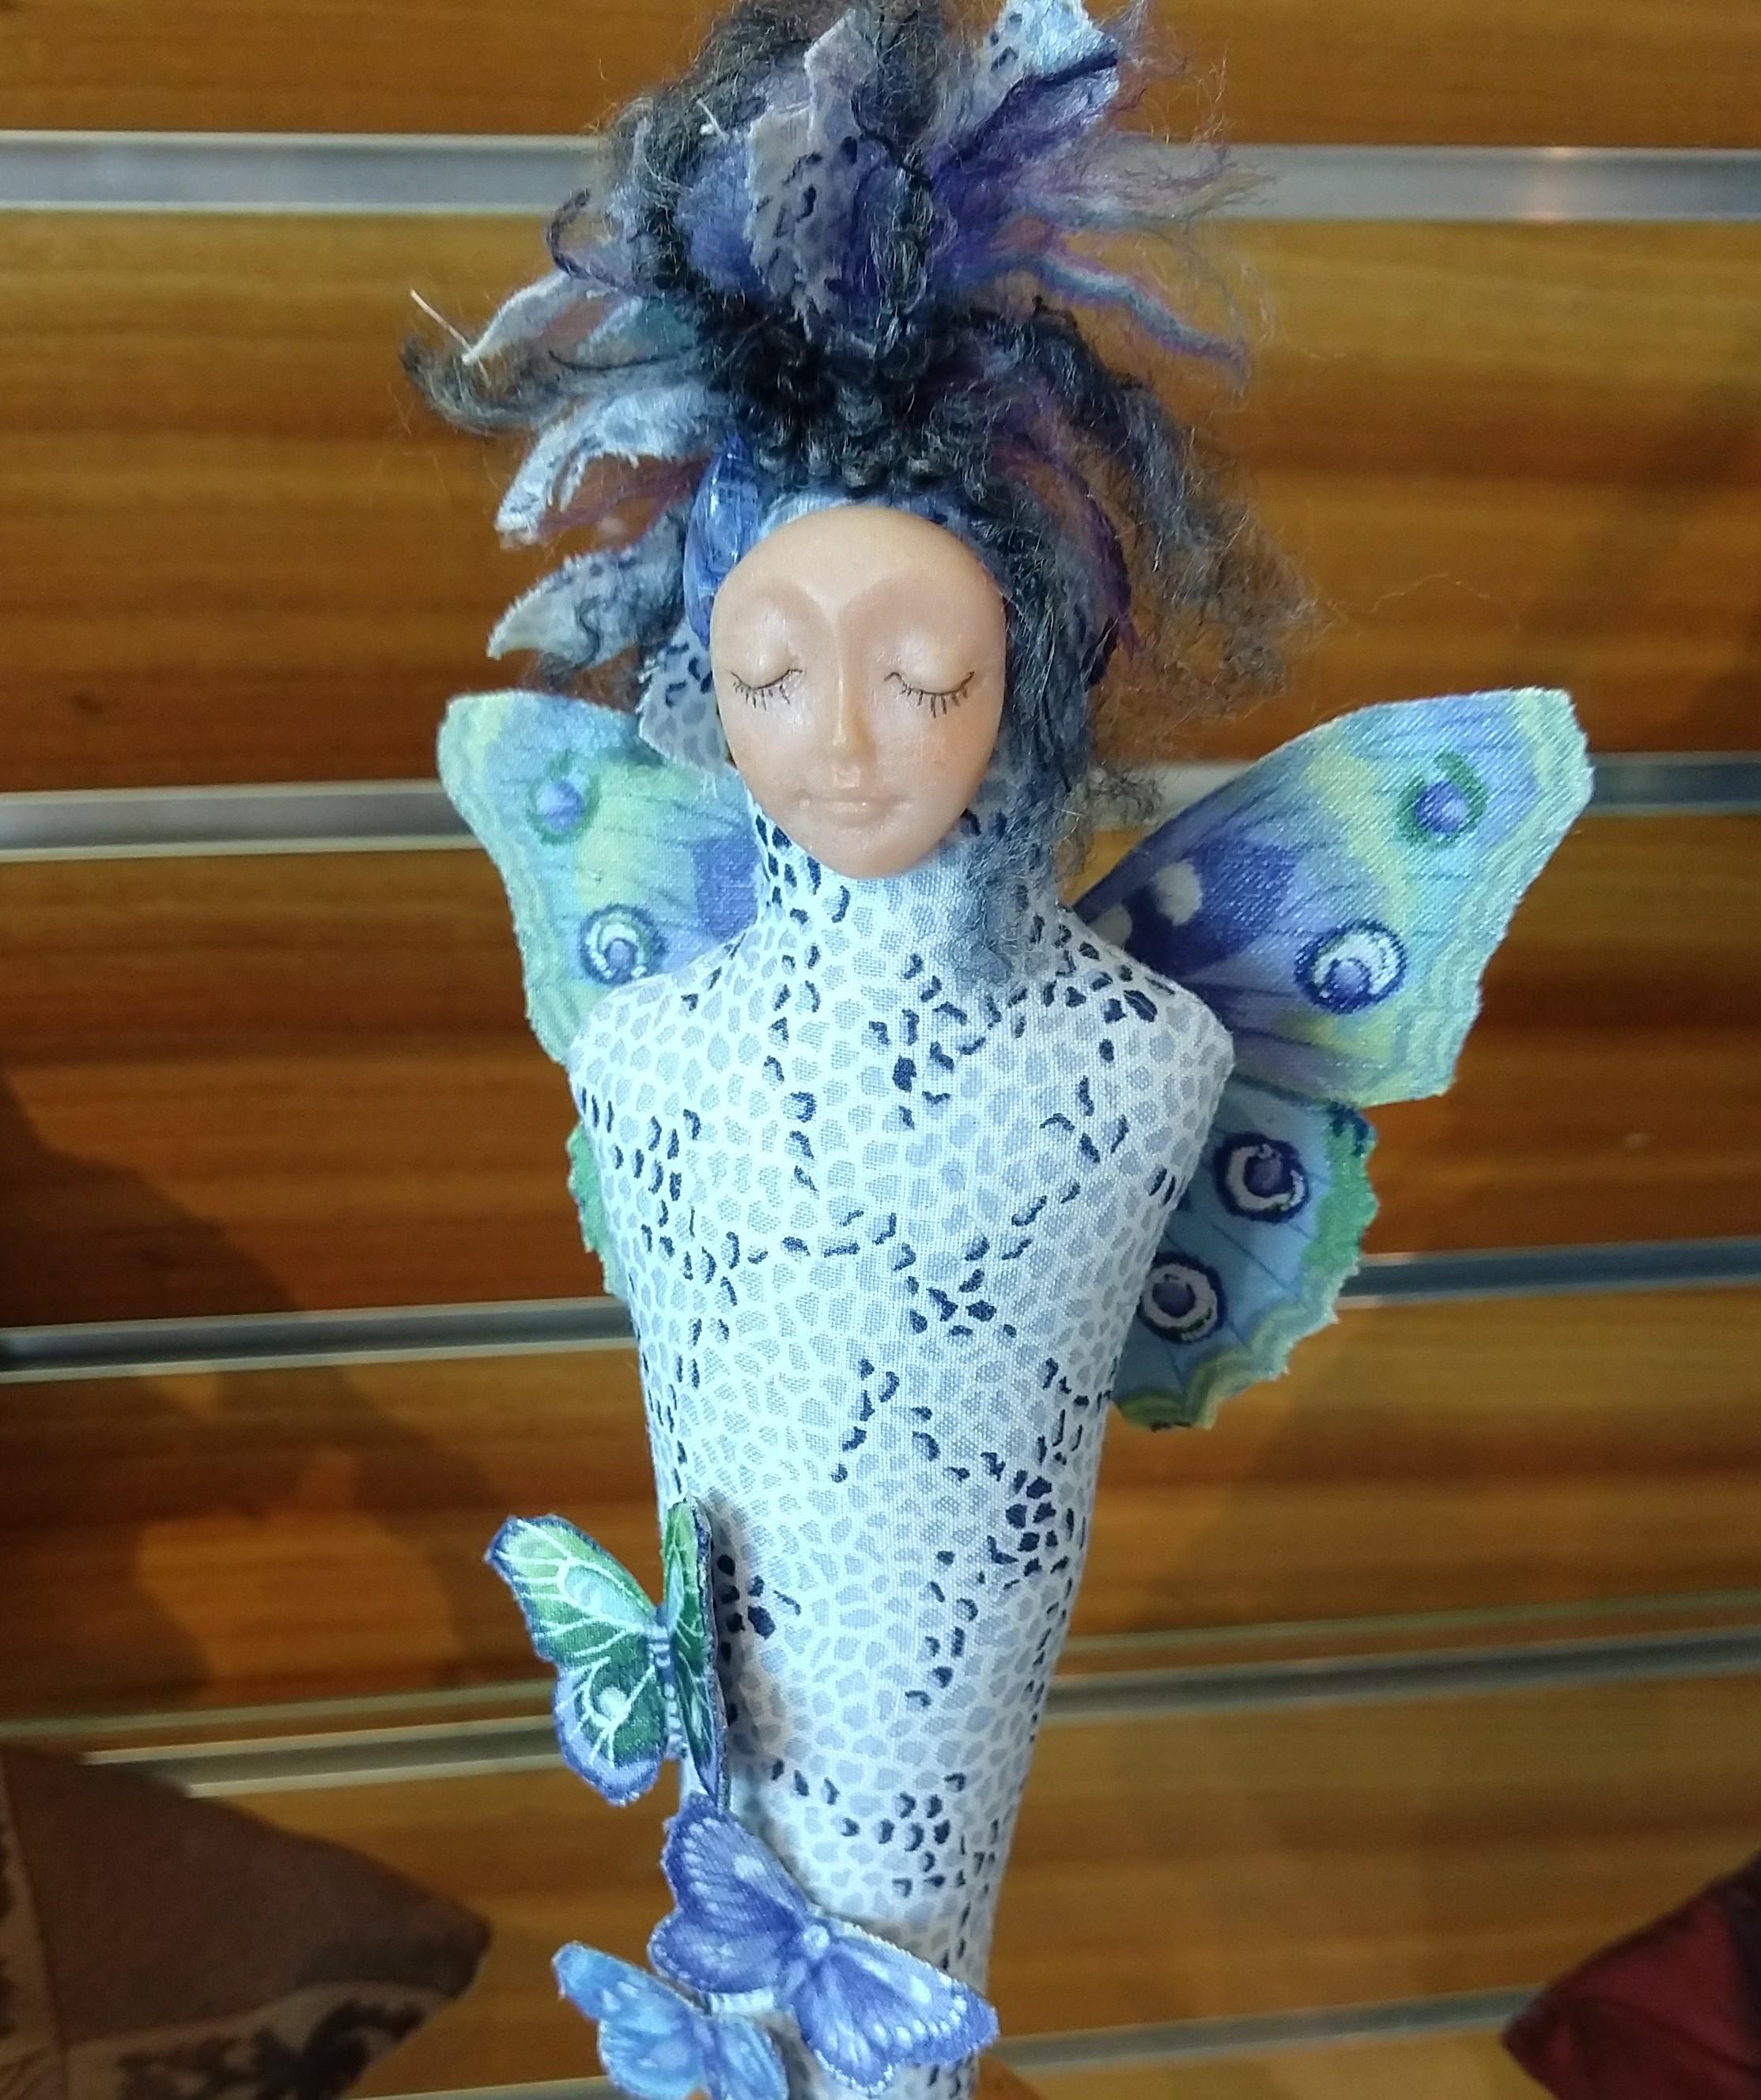 Doll Crafting Workshop